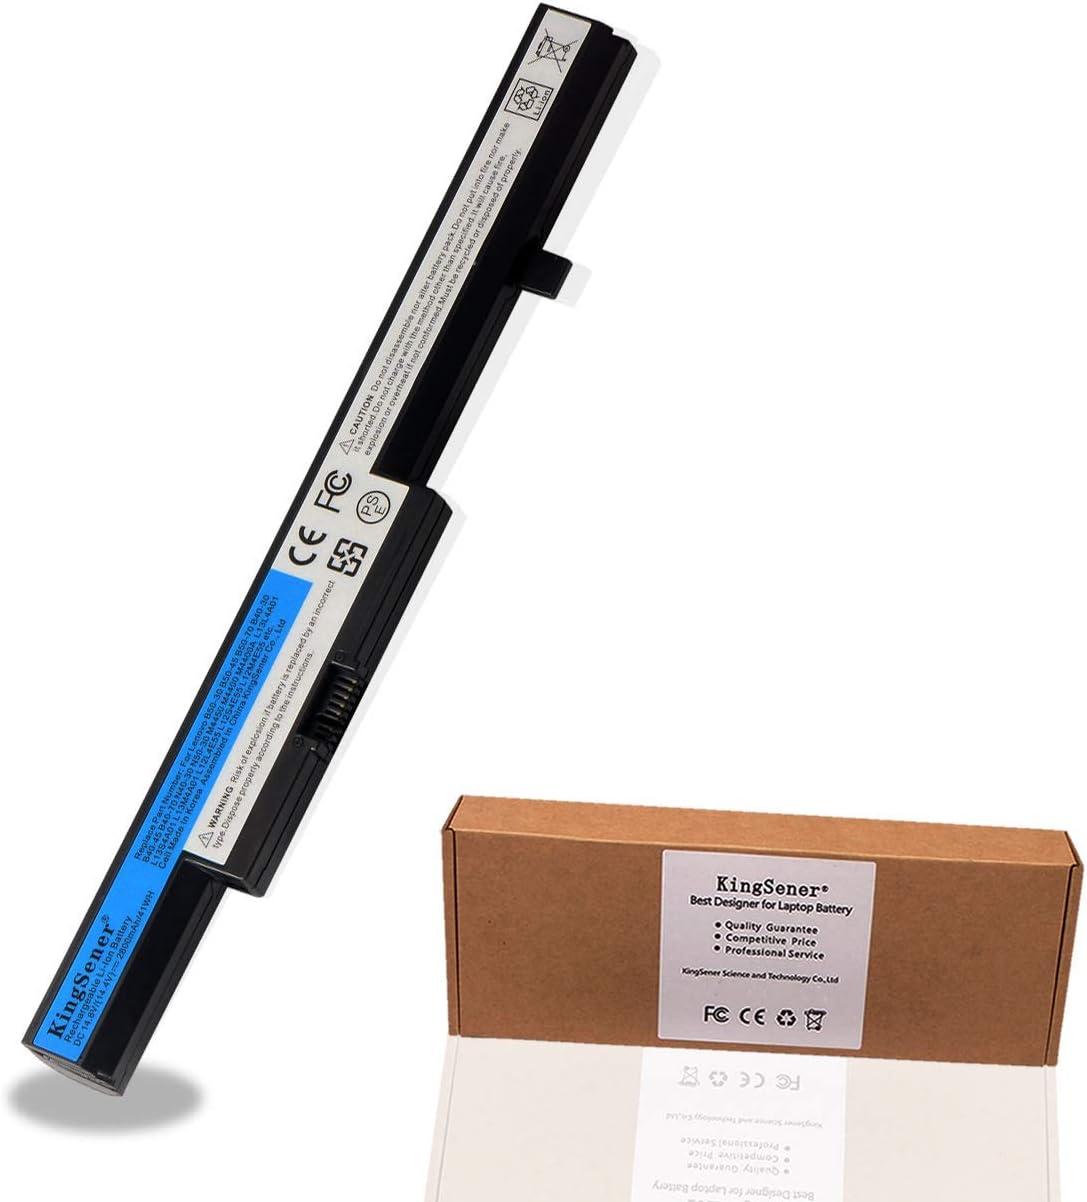 Kingsener L13L4A01 Laptop Battery for Lenovo B50-70 B40-70 B50-30 B50-45 B40-30 B50 M4450 M4400 M4400A L13S4A01 L13M4A01 L12L4E55 L12S4E55 L12M4E55